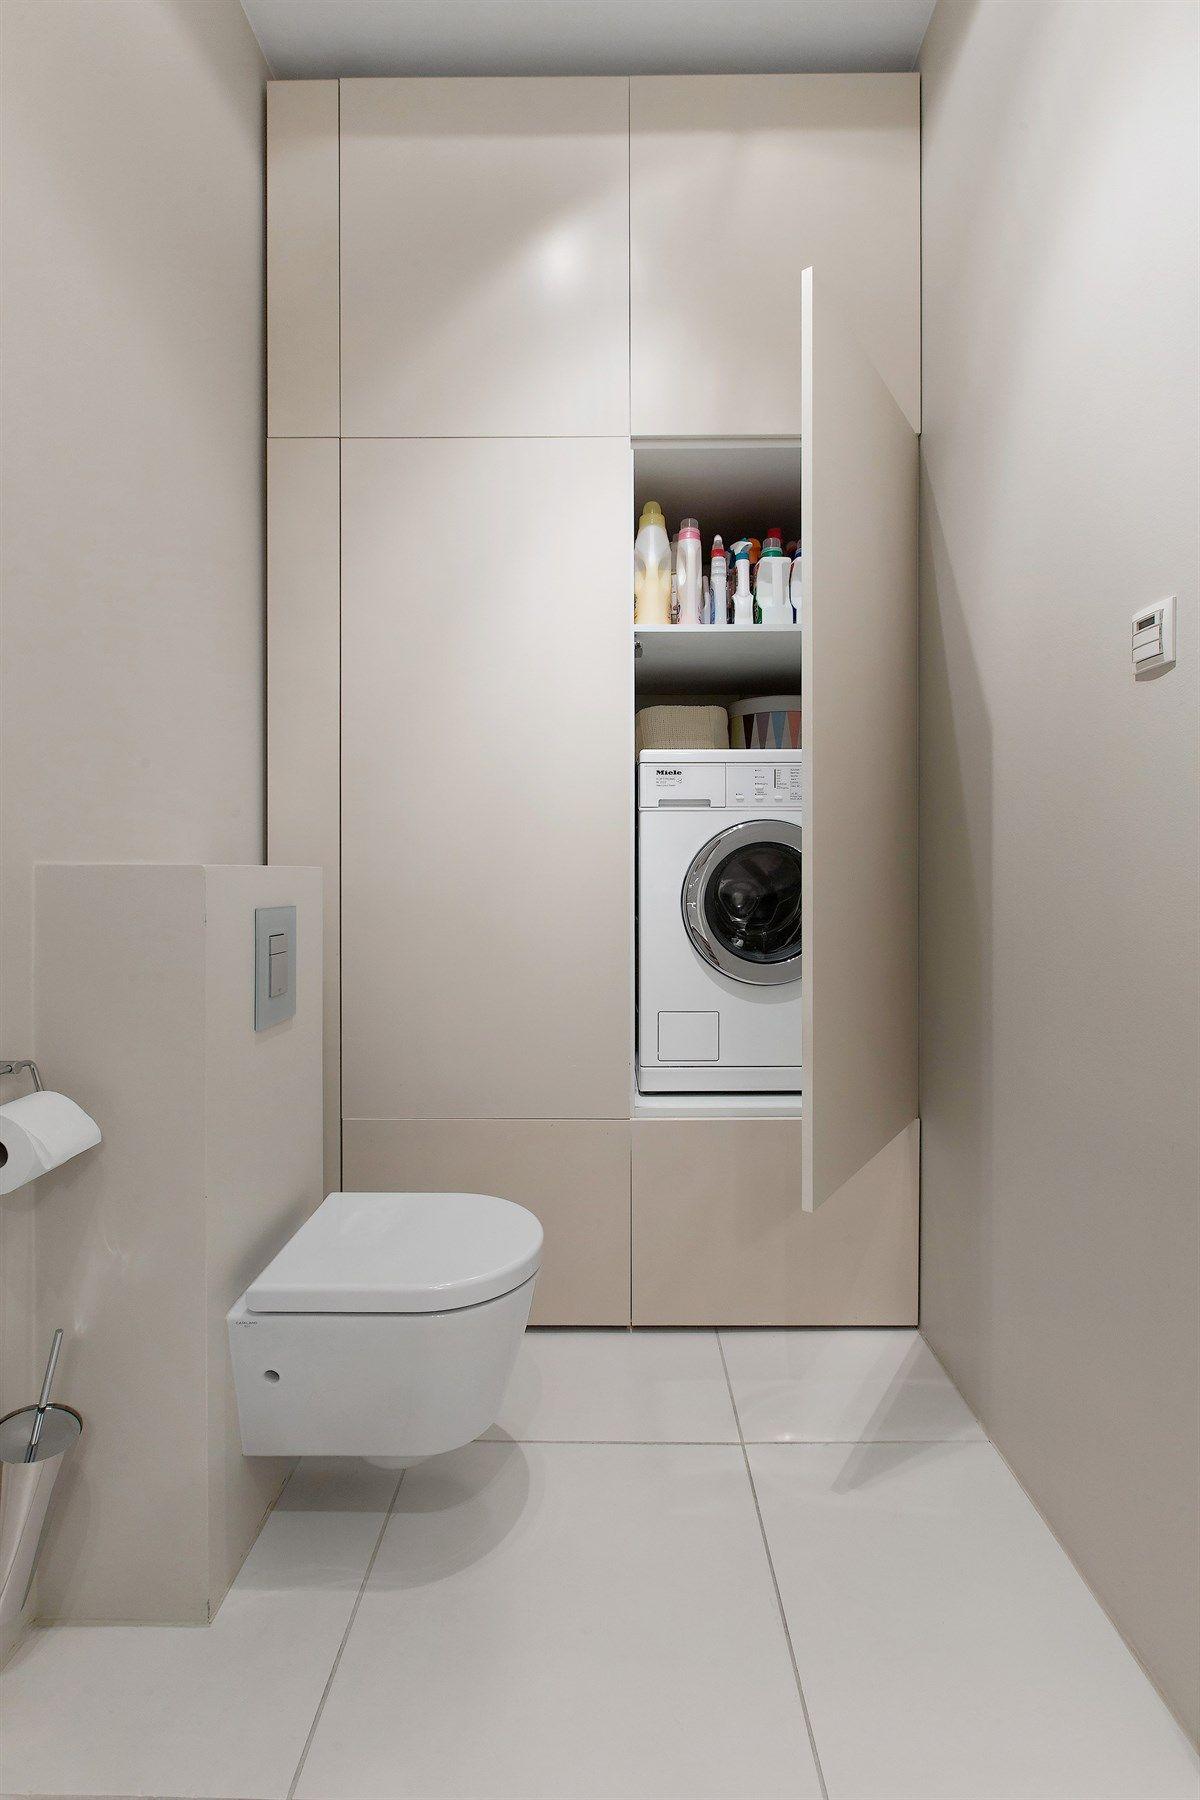 vaskemaskin i skap - Google-søk